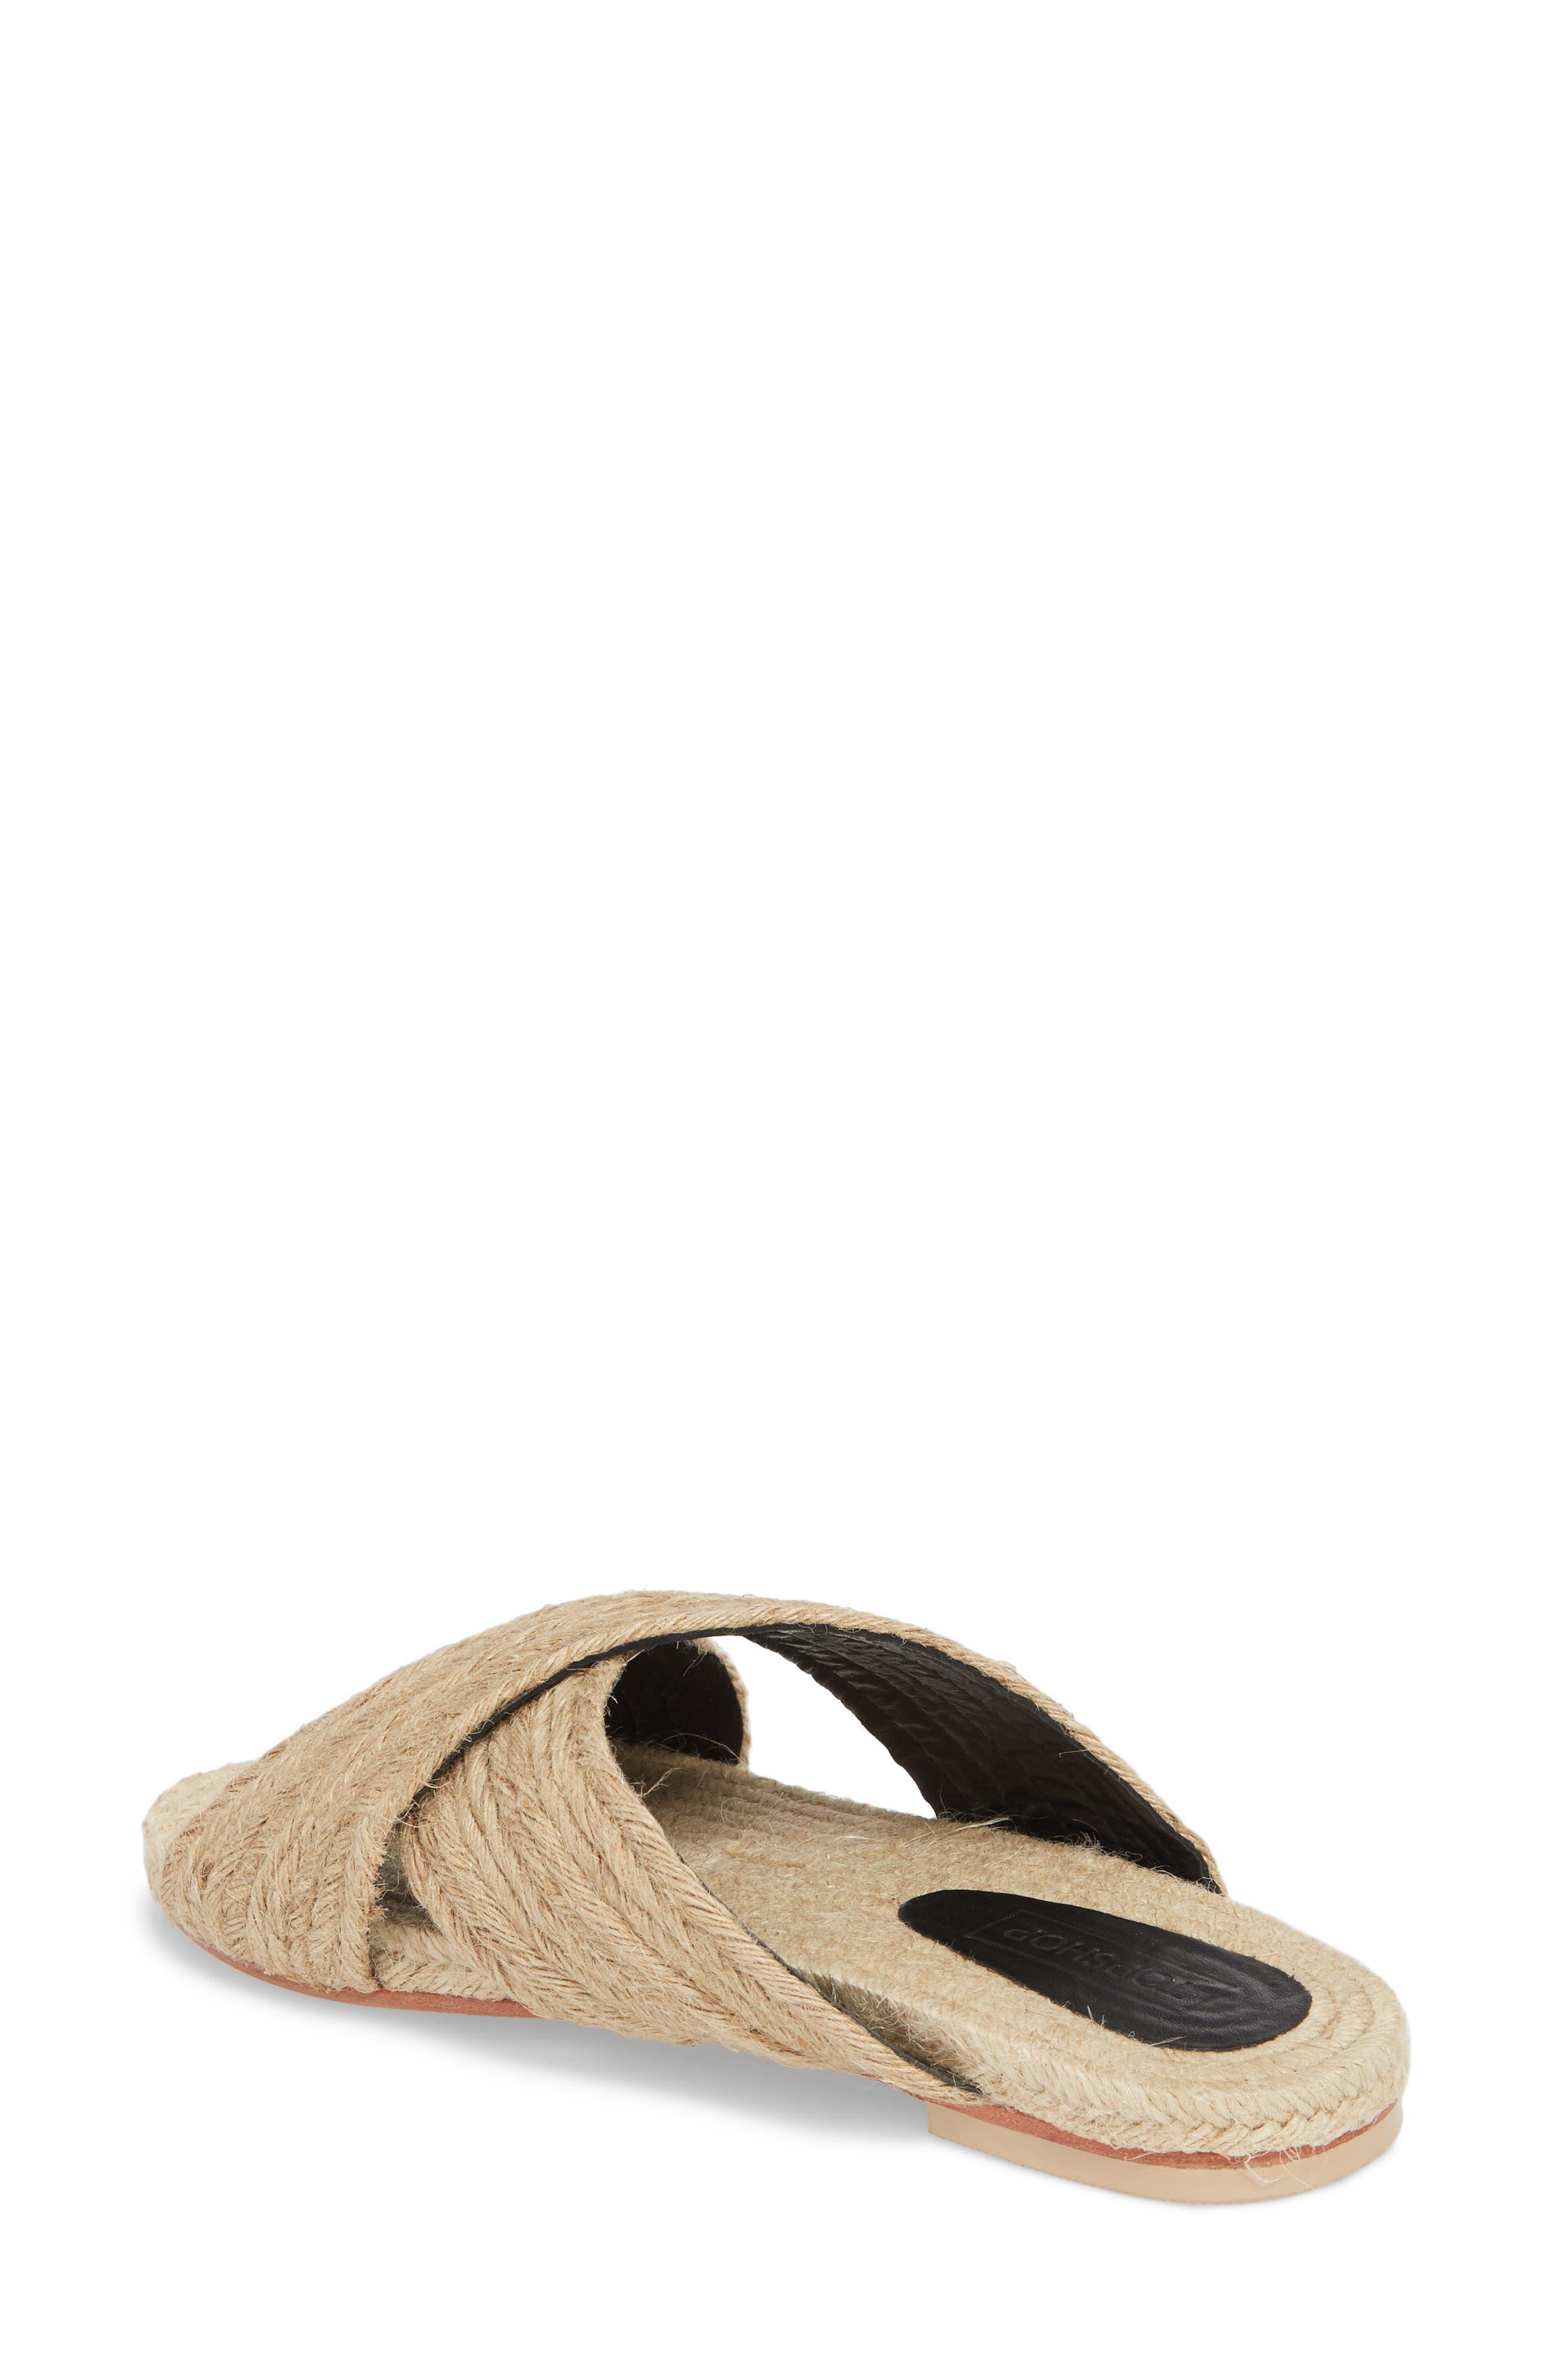 Felilx Rope Slide Sandal,                             Alternate thumbnail 2, color,                             250